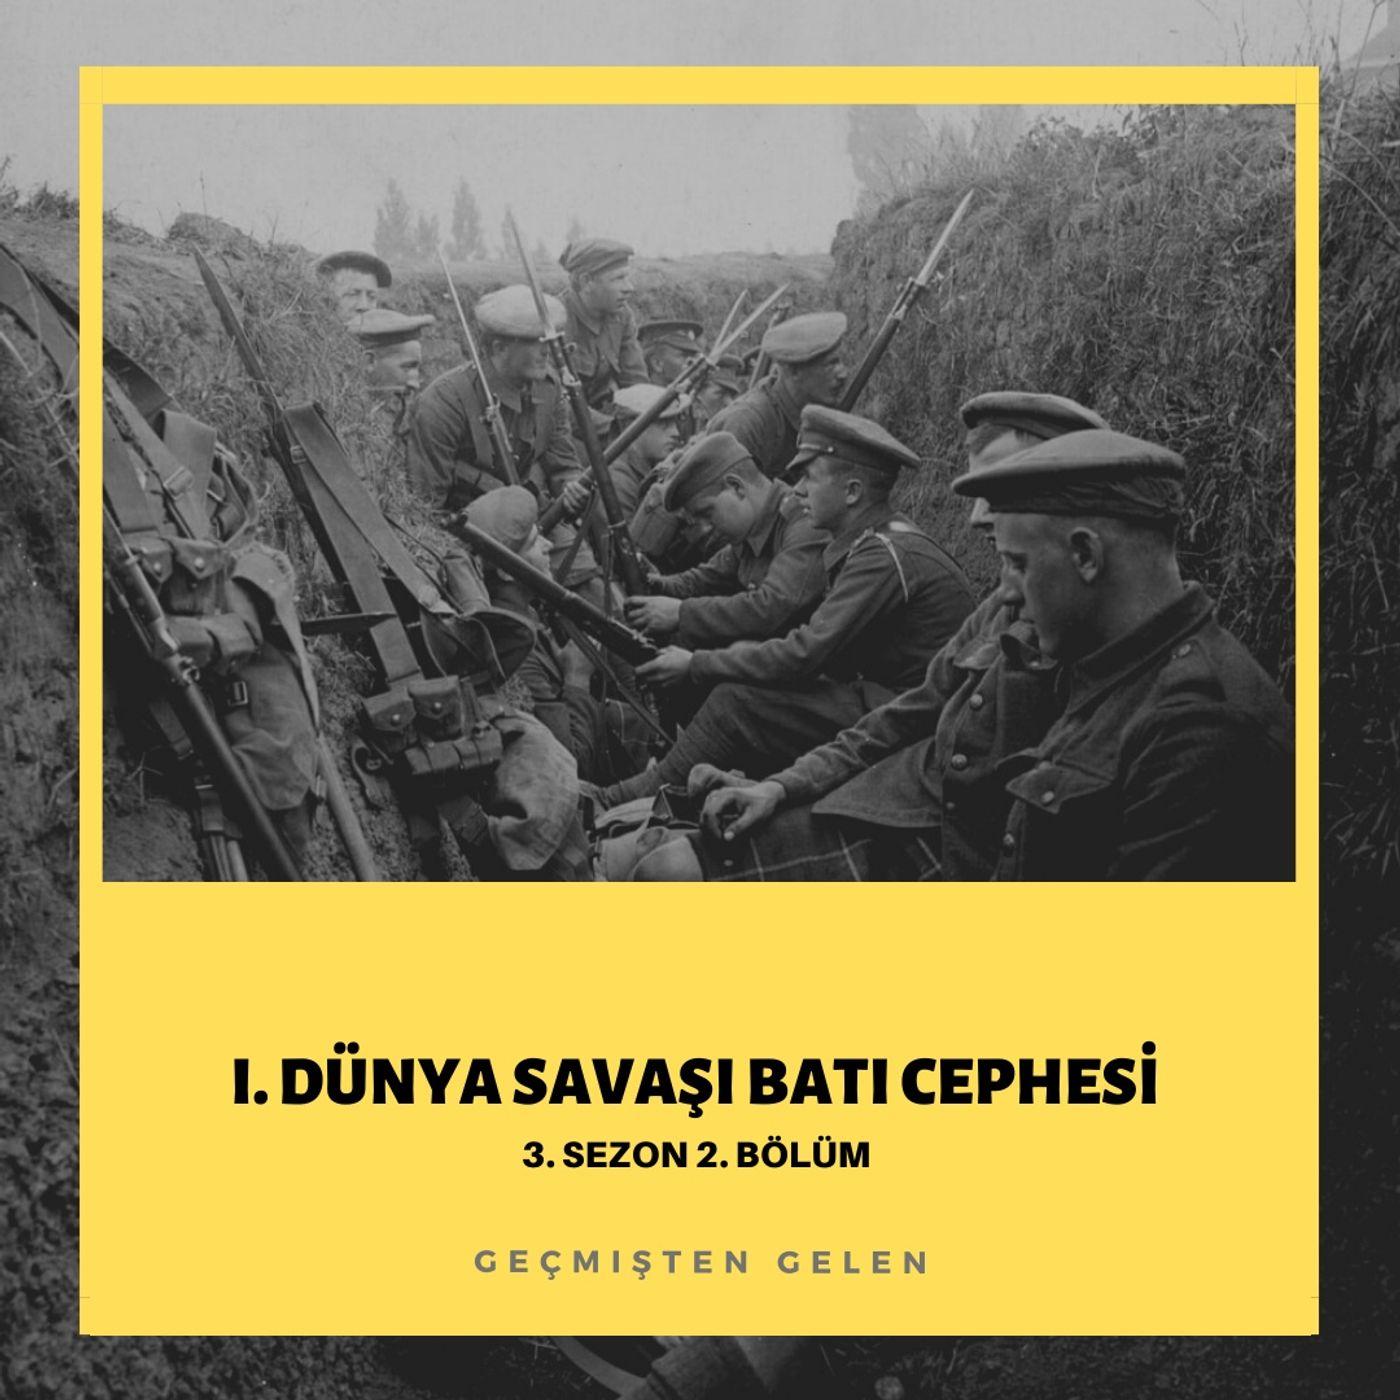 DÜNYA SAVAŞIYOR.02 - I.Dünya Savaşı Batı Cephesi